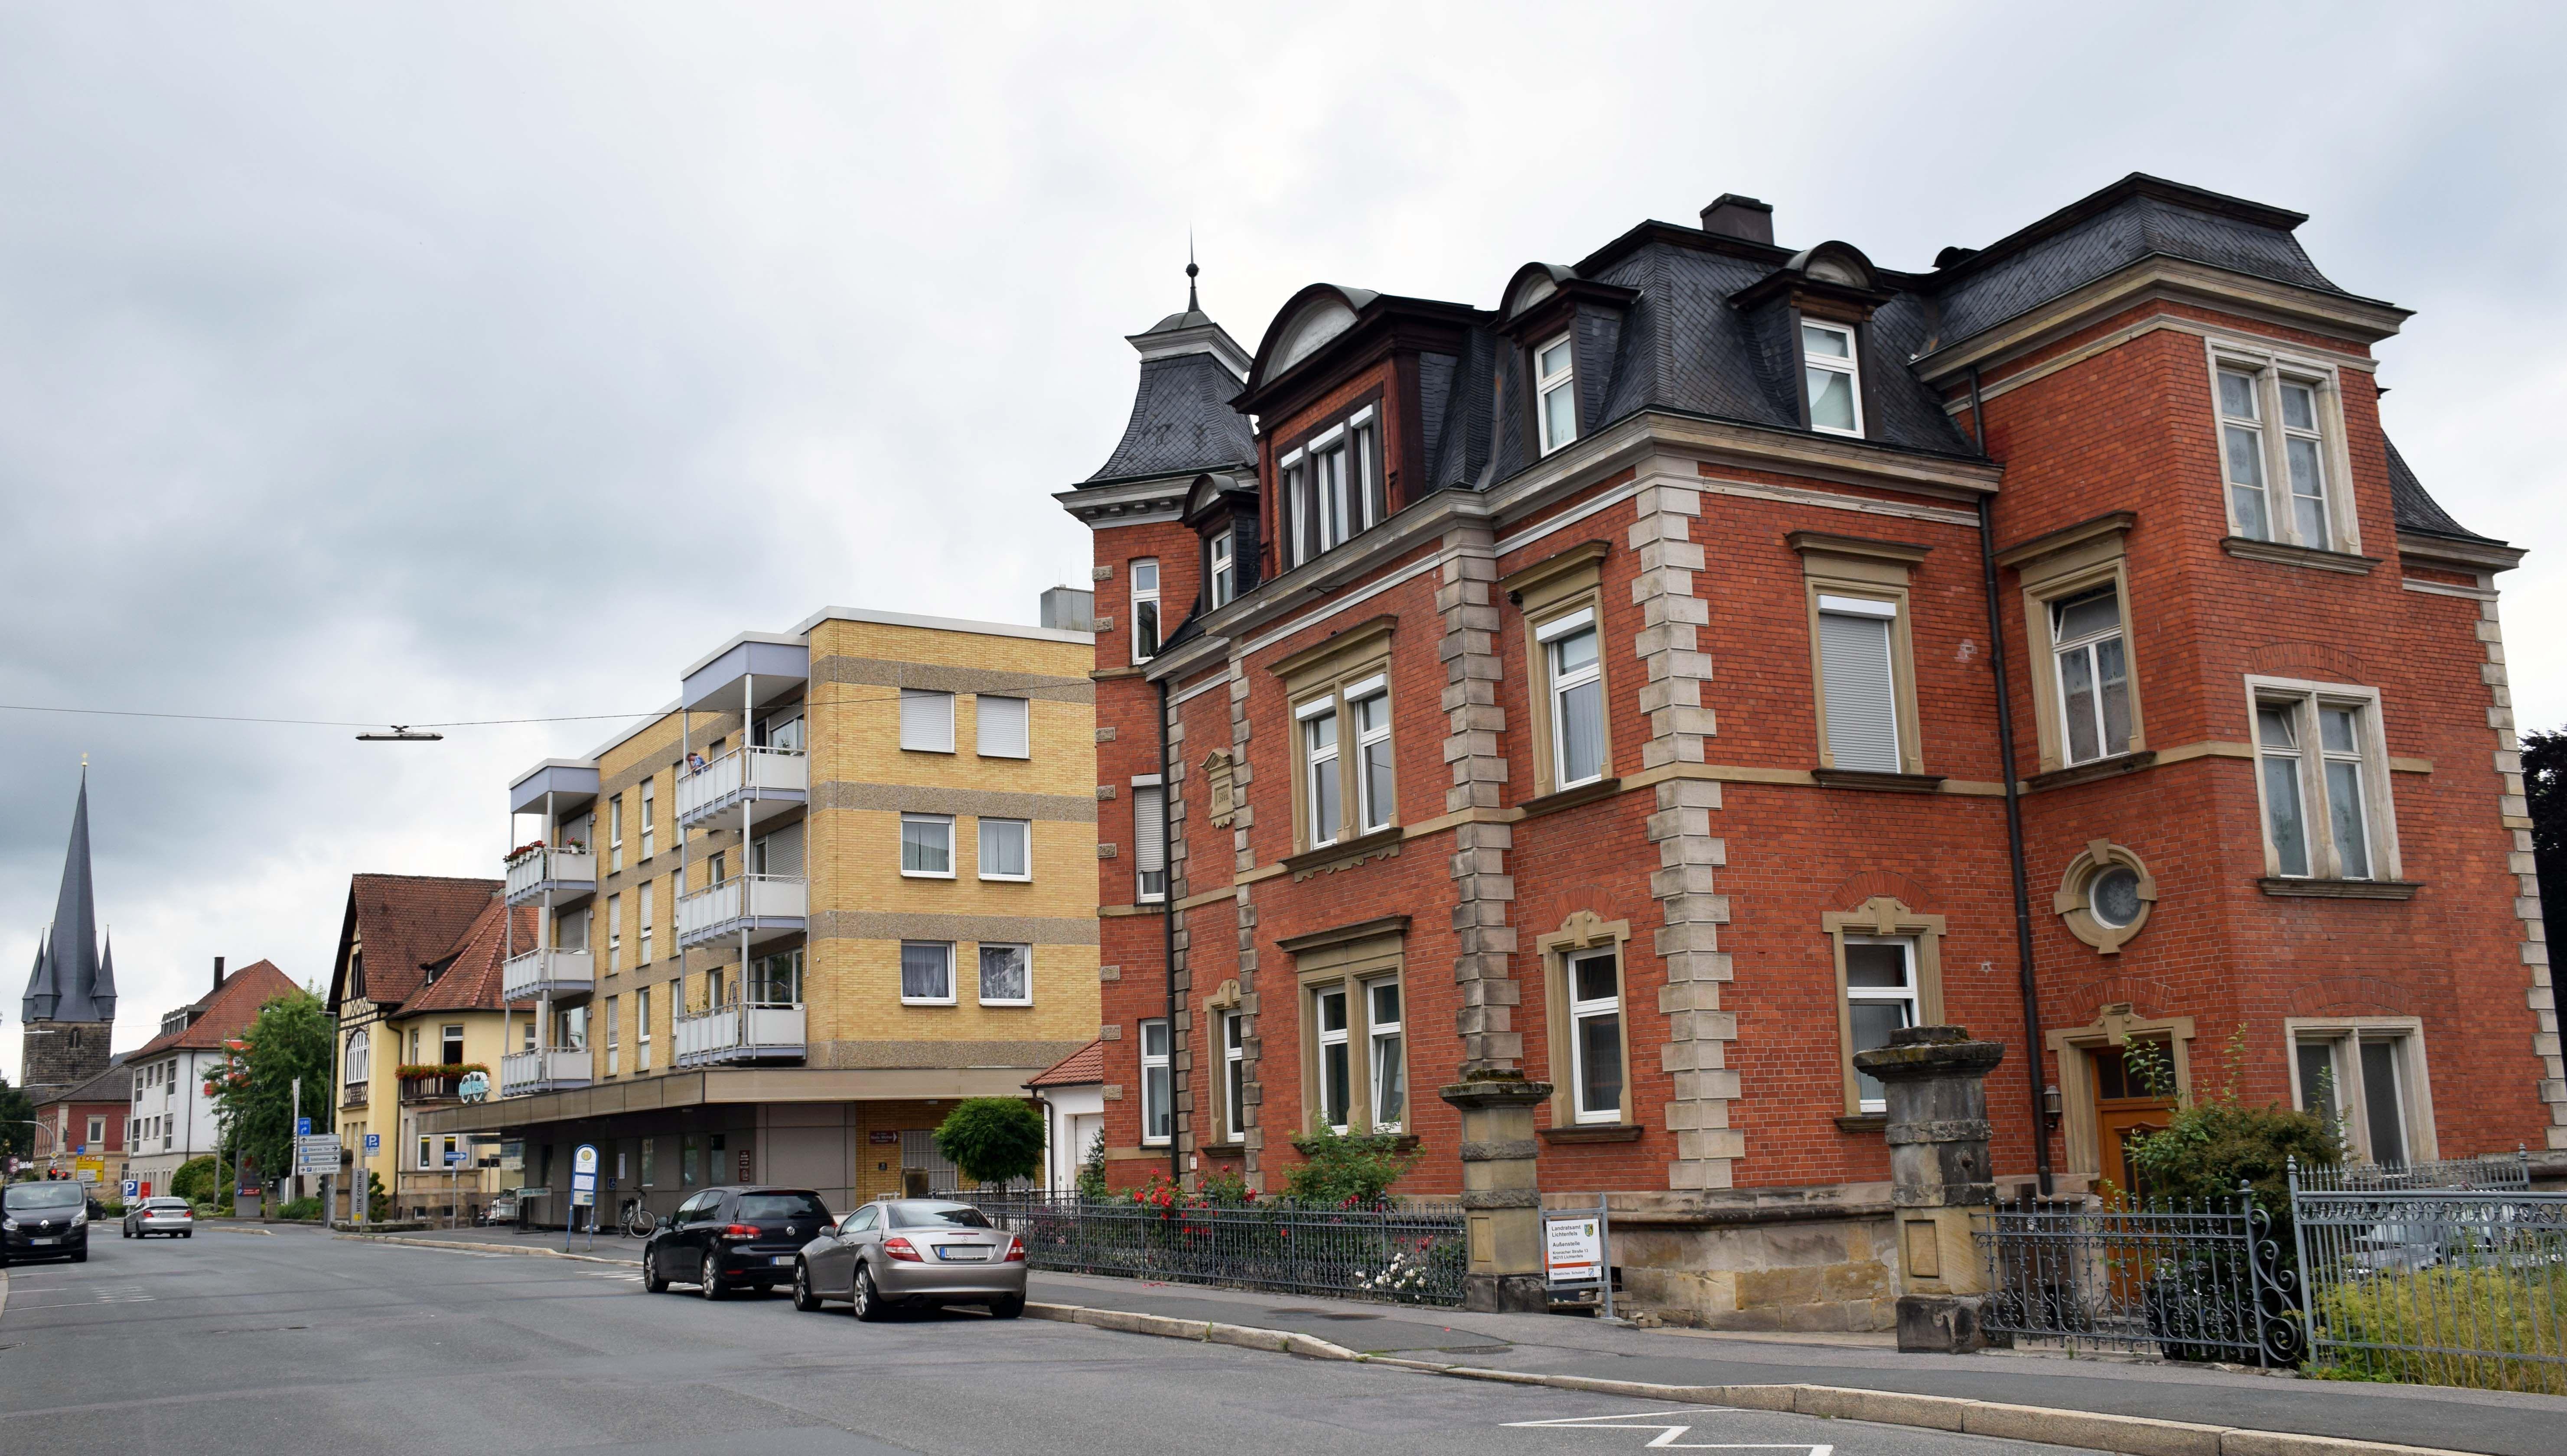 Seit Ende Juni 2021 befinden sich die Büros der Tourismusregion Obermain•Jura, Volkshochschule Lichtenfels und Öko-Modellregion Obermain-Jura in der